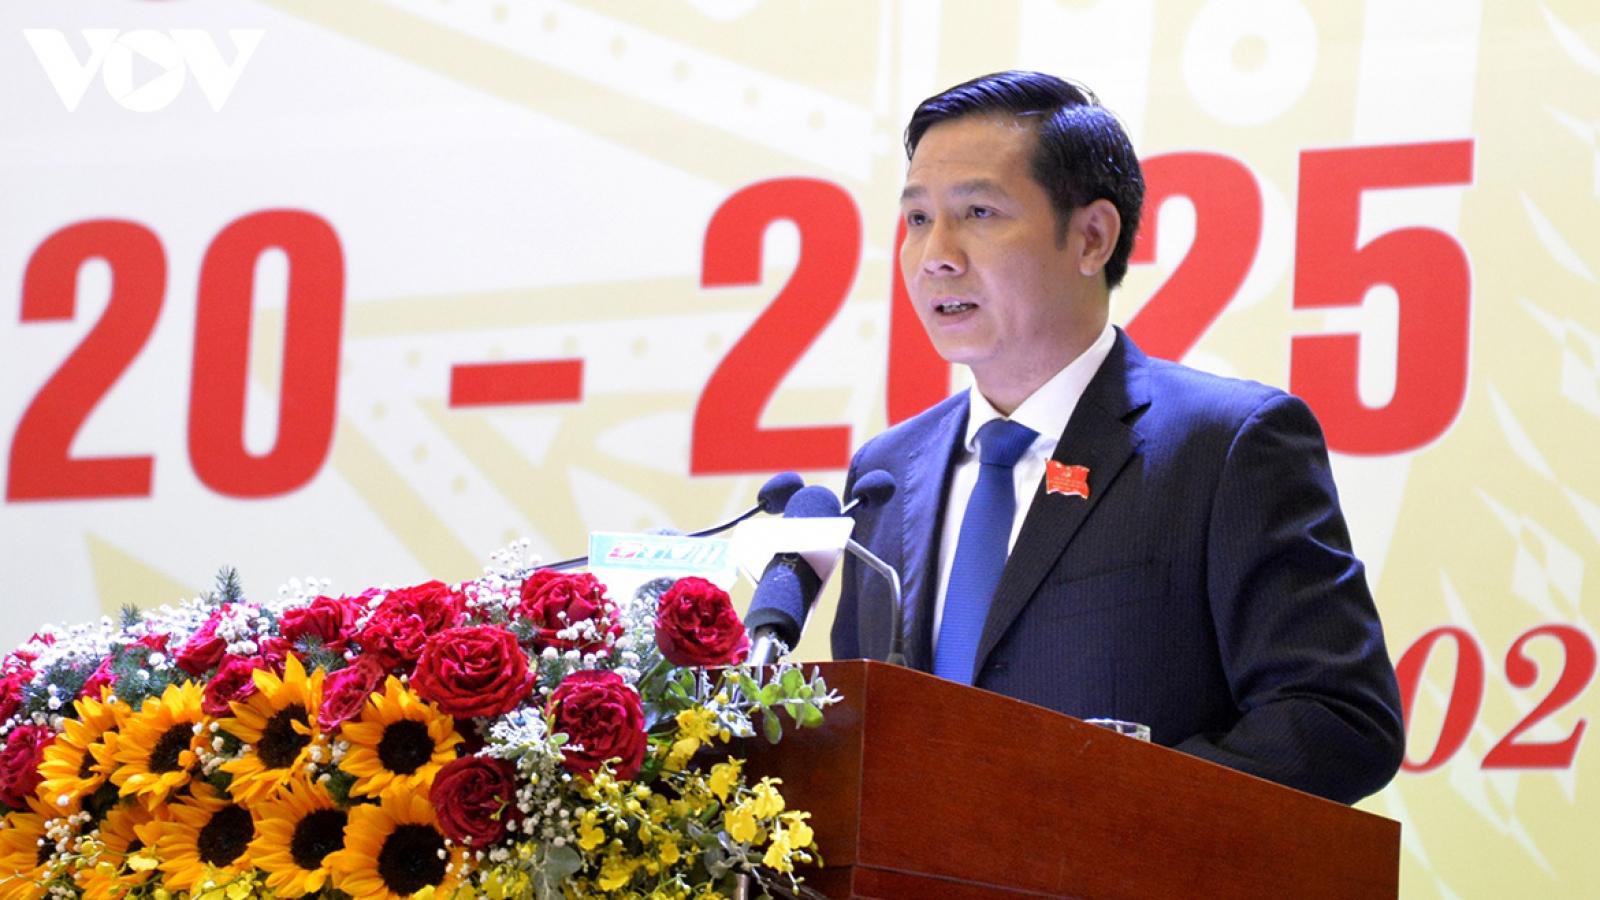 Ông Nguyễn Thành Tâm tiếp tục được bầu làm Bí thư Tỉnh uỷ Tây Ninh